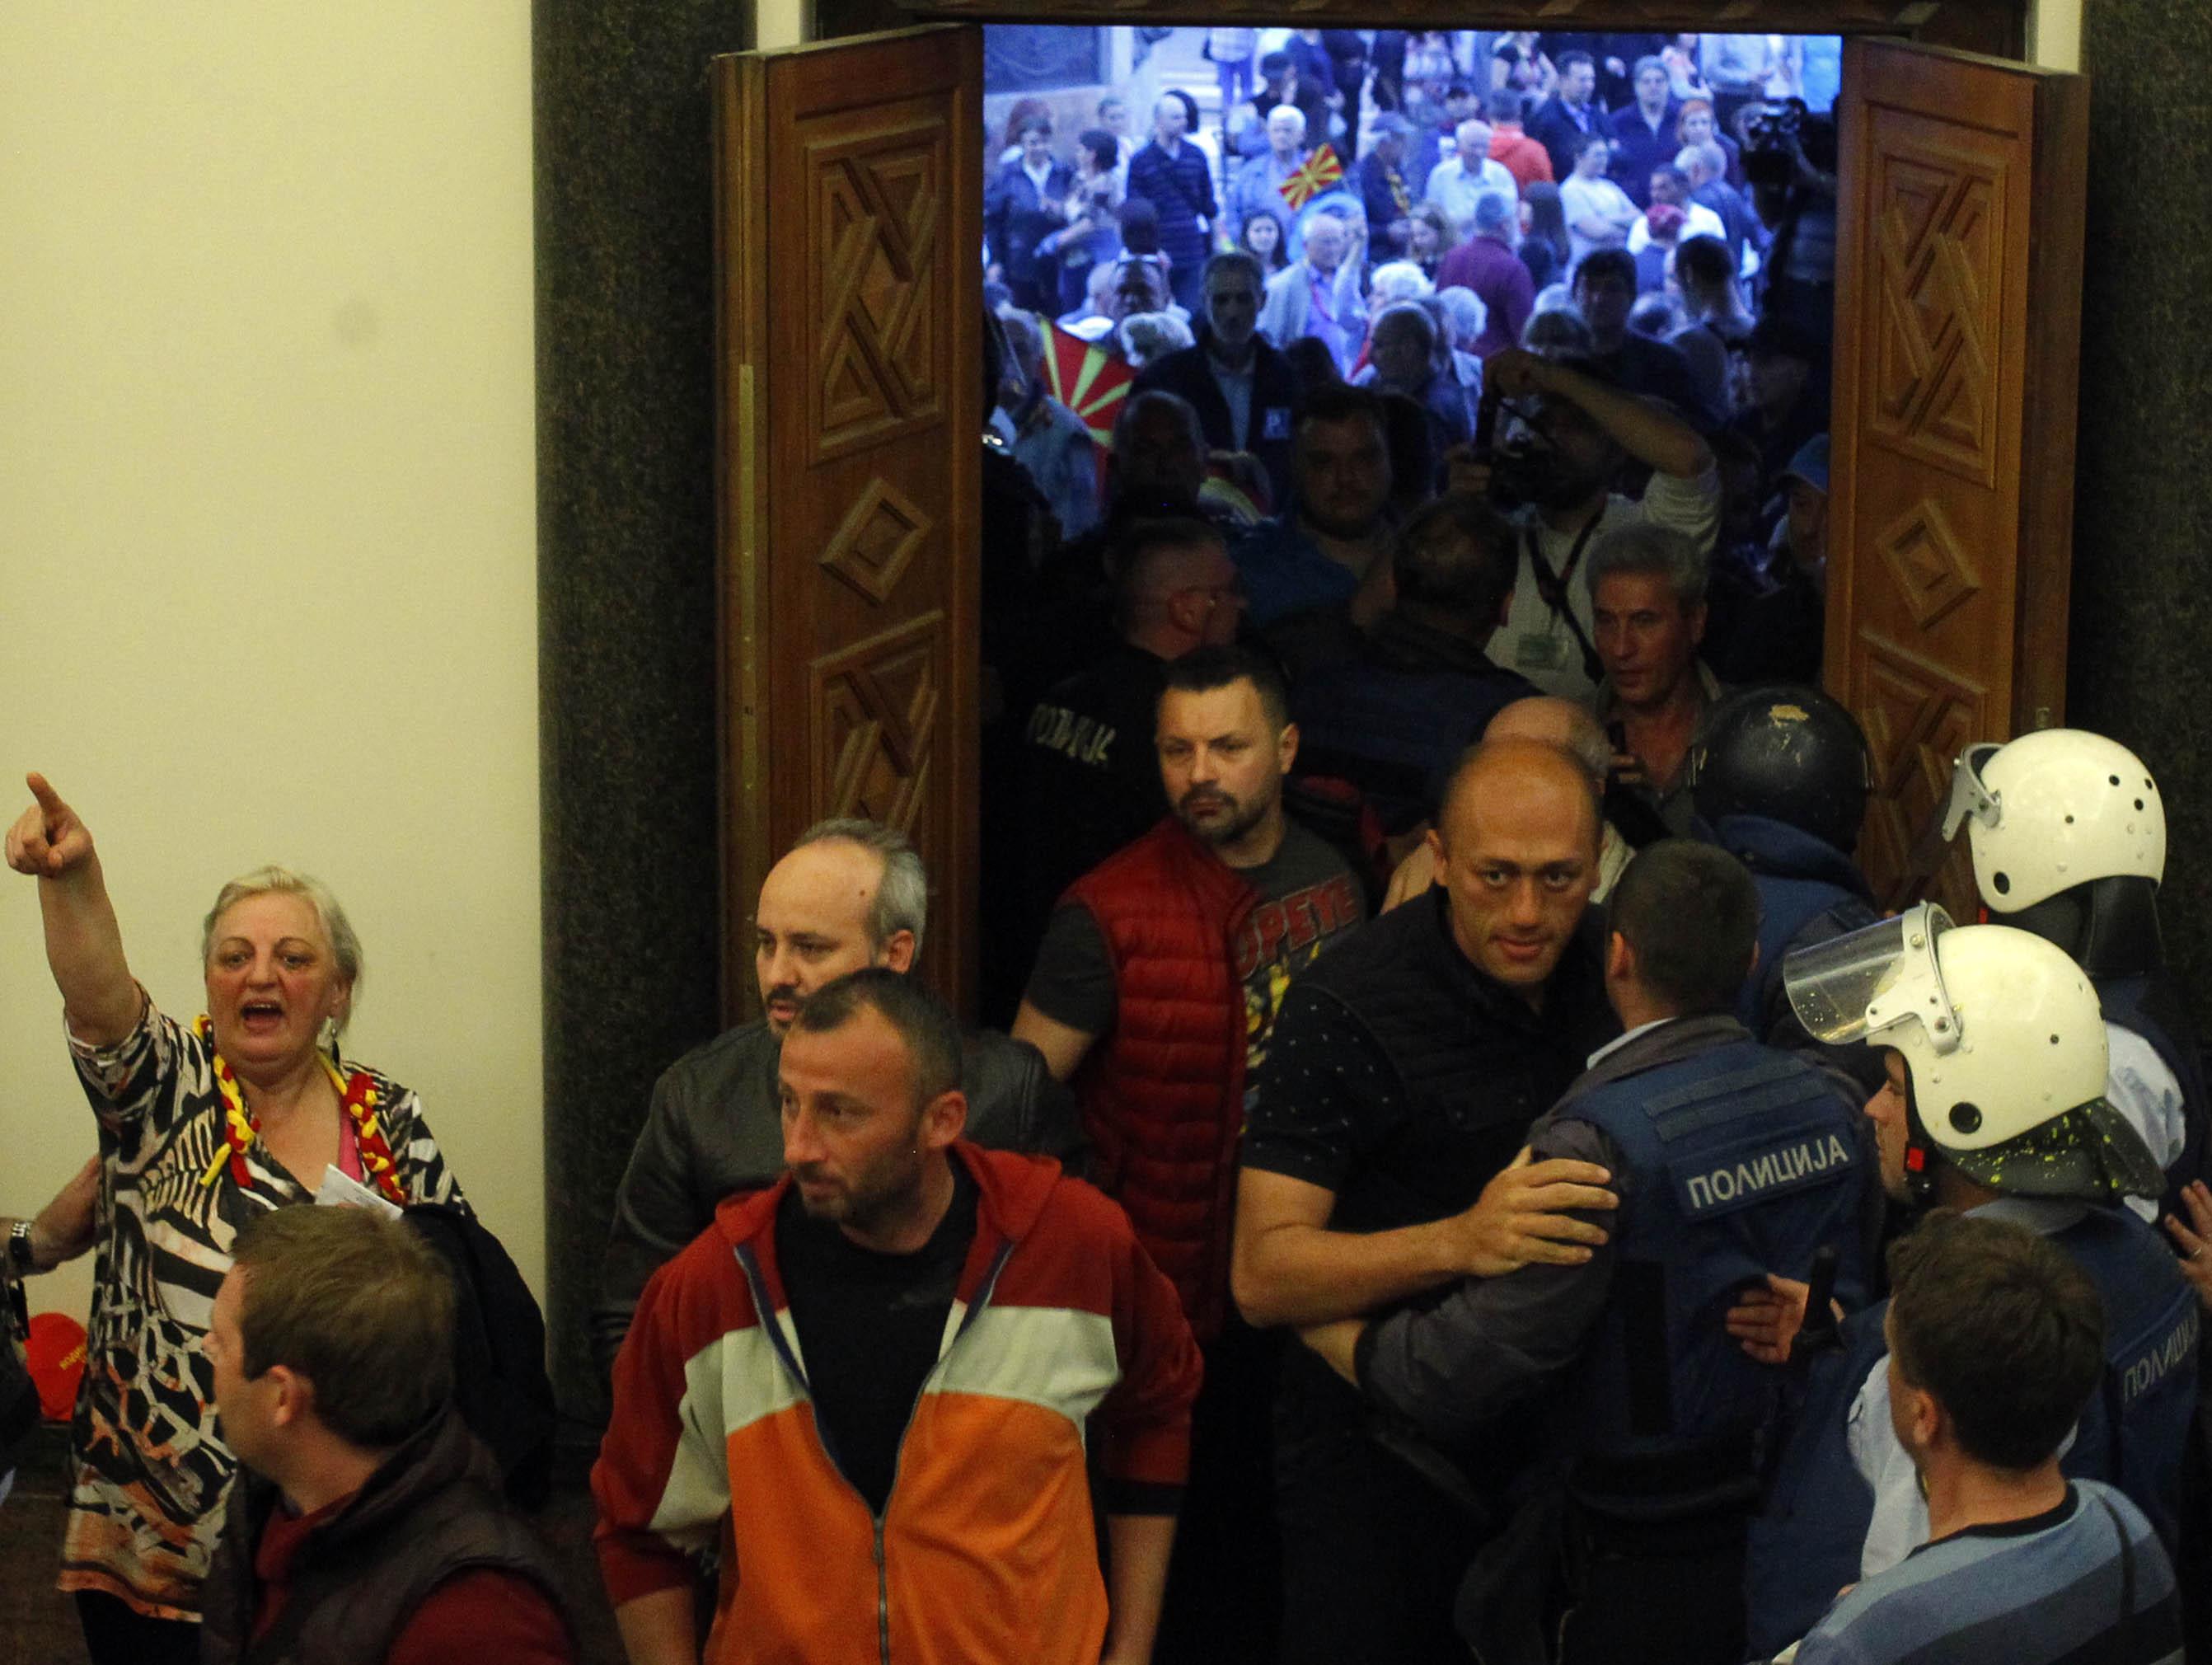 НАПАДОТ НА 27 АПРИЛ БИЛ ВОДЕН ОД СЕДИШТЕТО НА ВМРО-ДПМНЕ, ВЕЛИ ОБВИНИТЕЛСТВОТО ЗА ОРГАНИЗИРАН КРИМИНАЛ